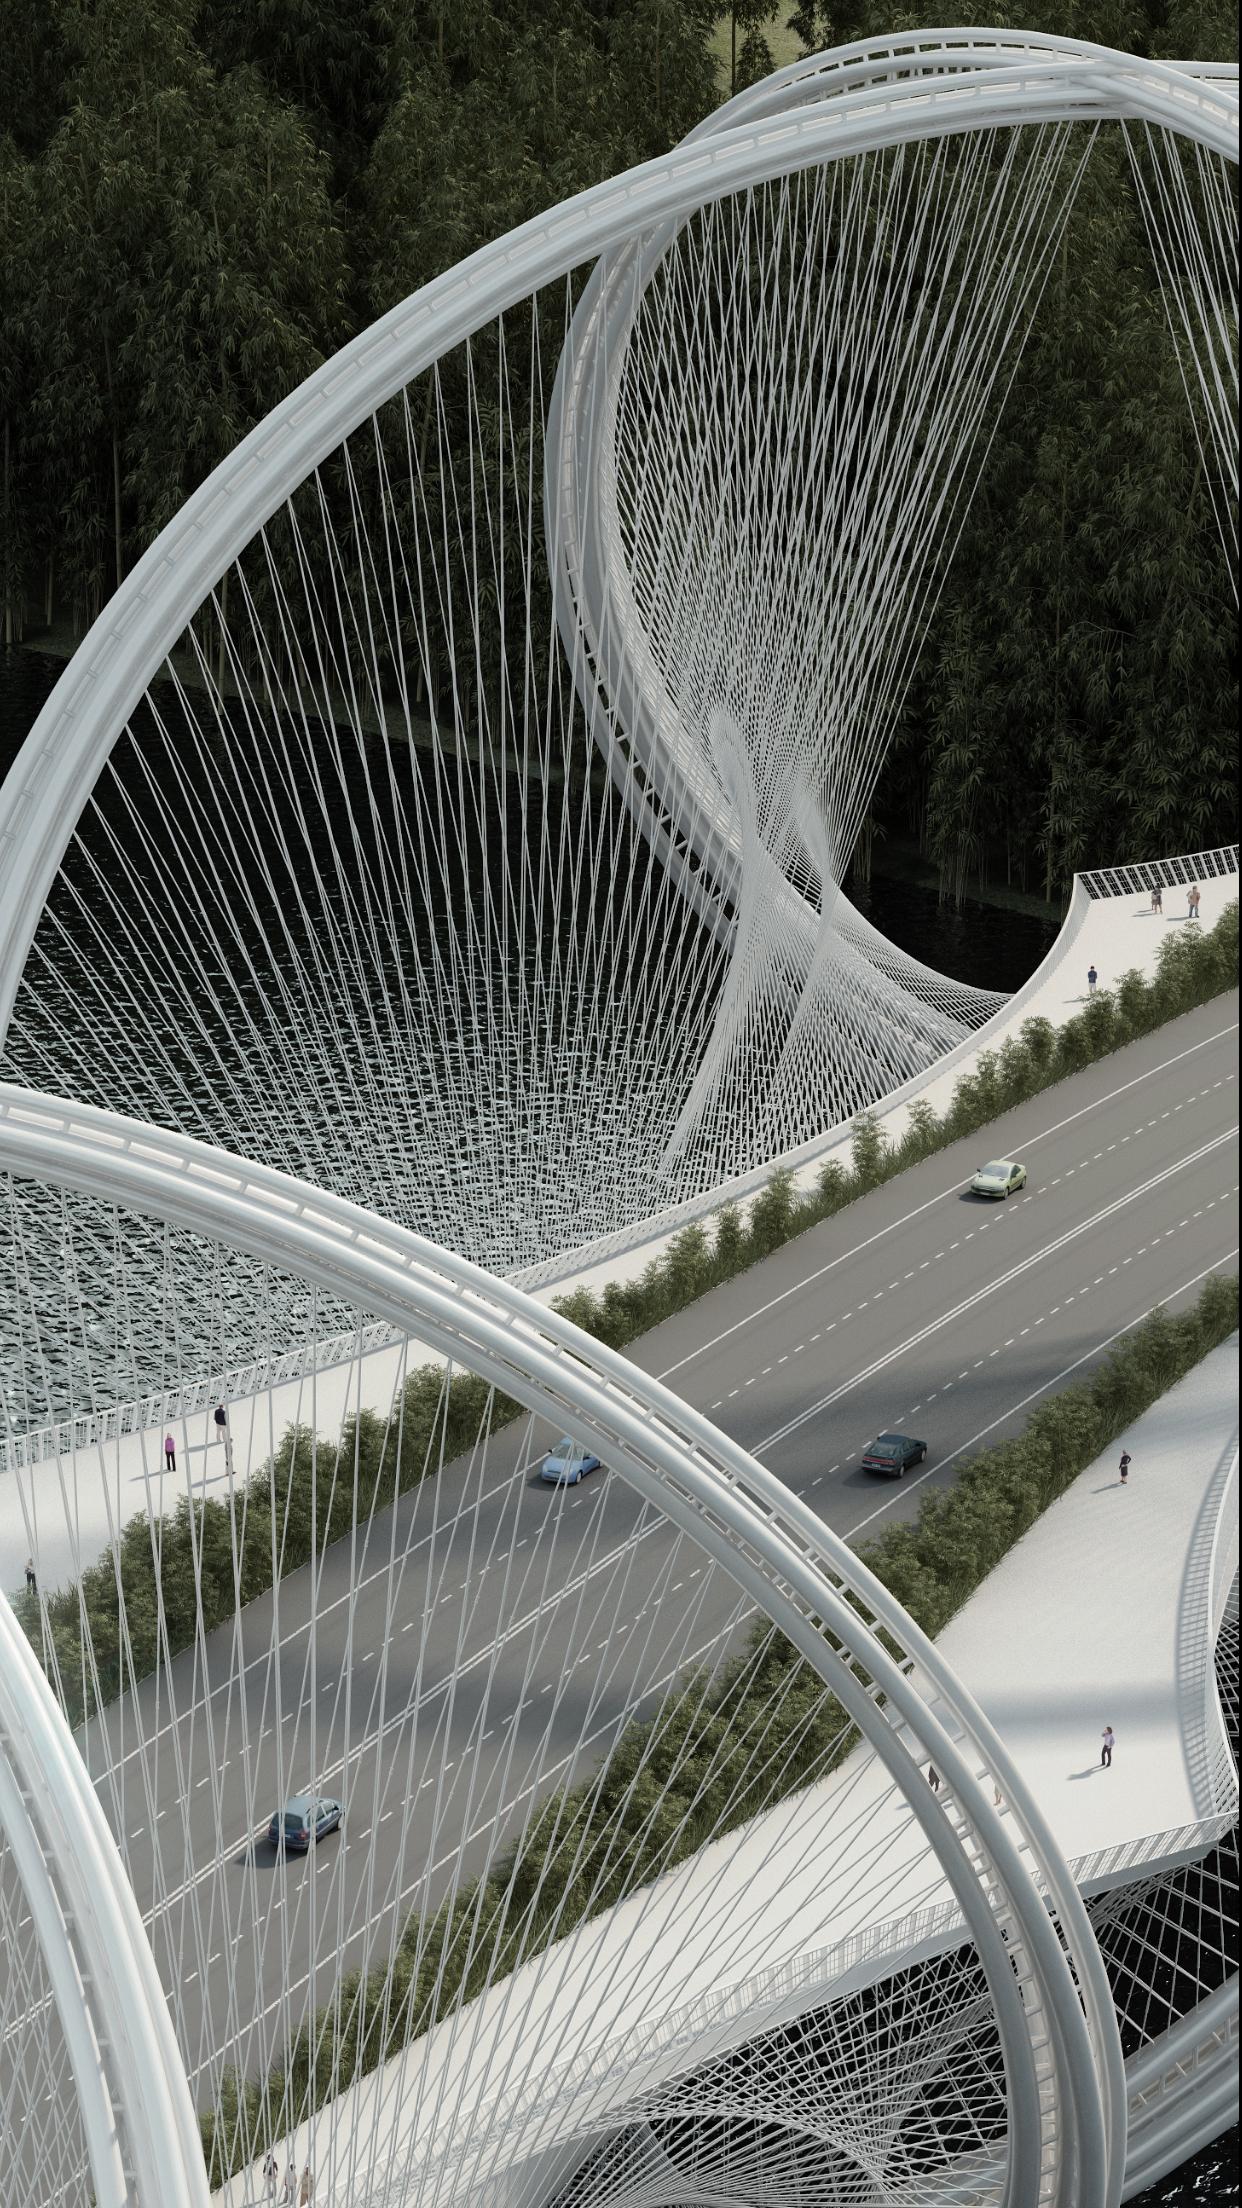 Galeria de penda projeta ponte inspirada nos an 233 is ol 237 mpicos em